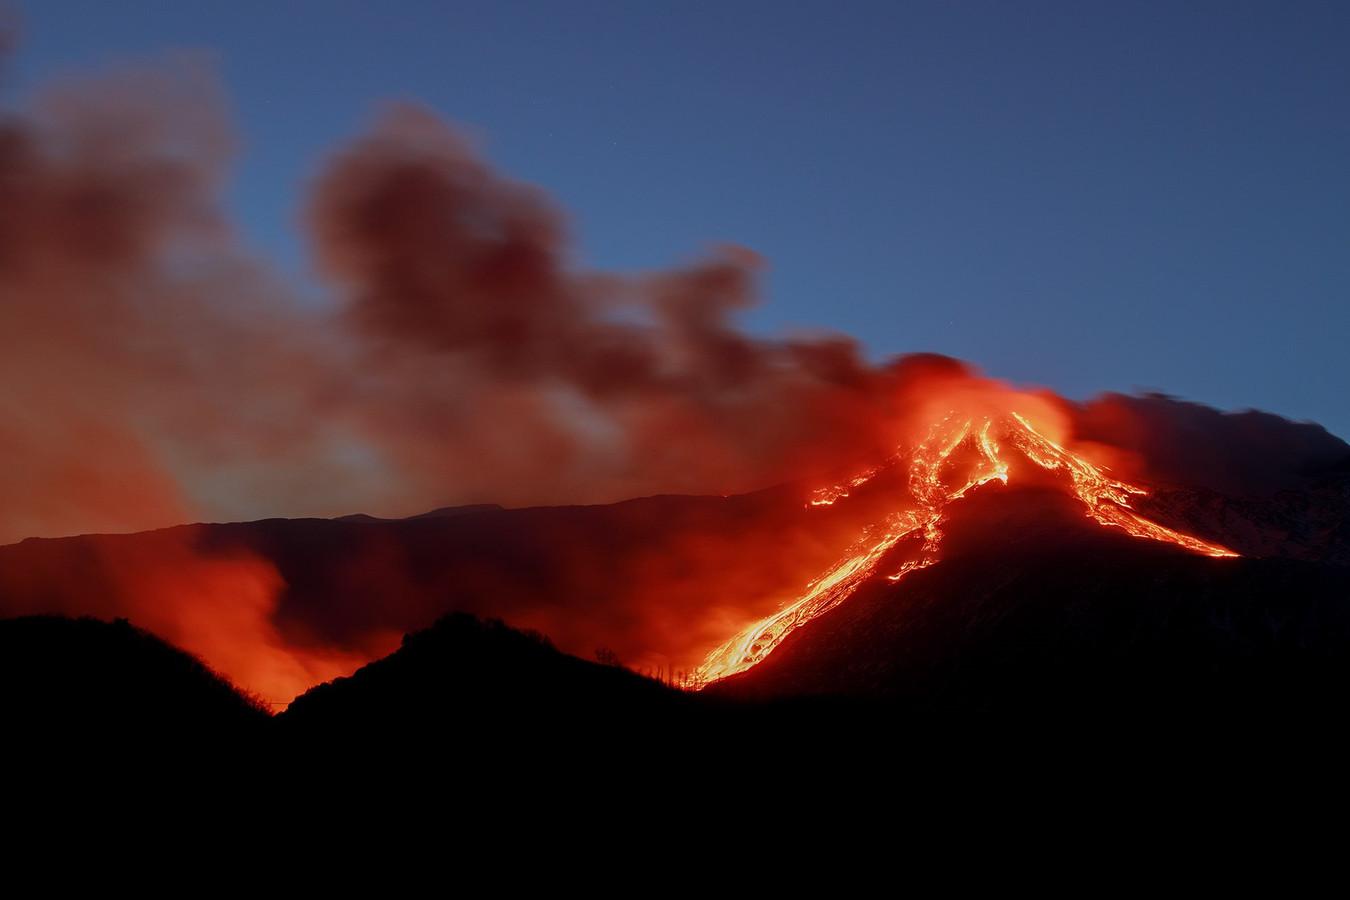 Des cendres volcaniques mélangées à des pierres volcaniques ont investi la ville de Catane.